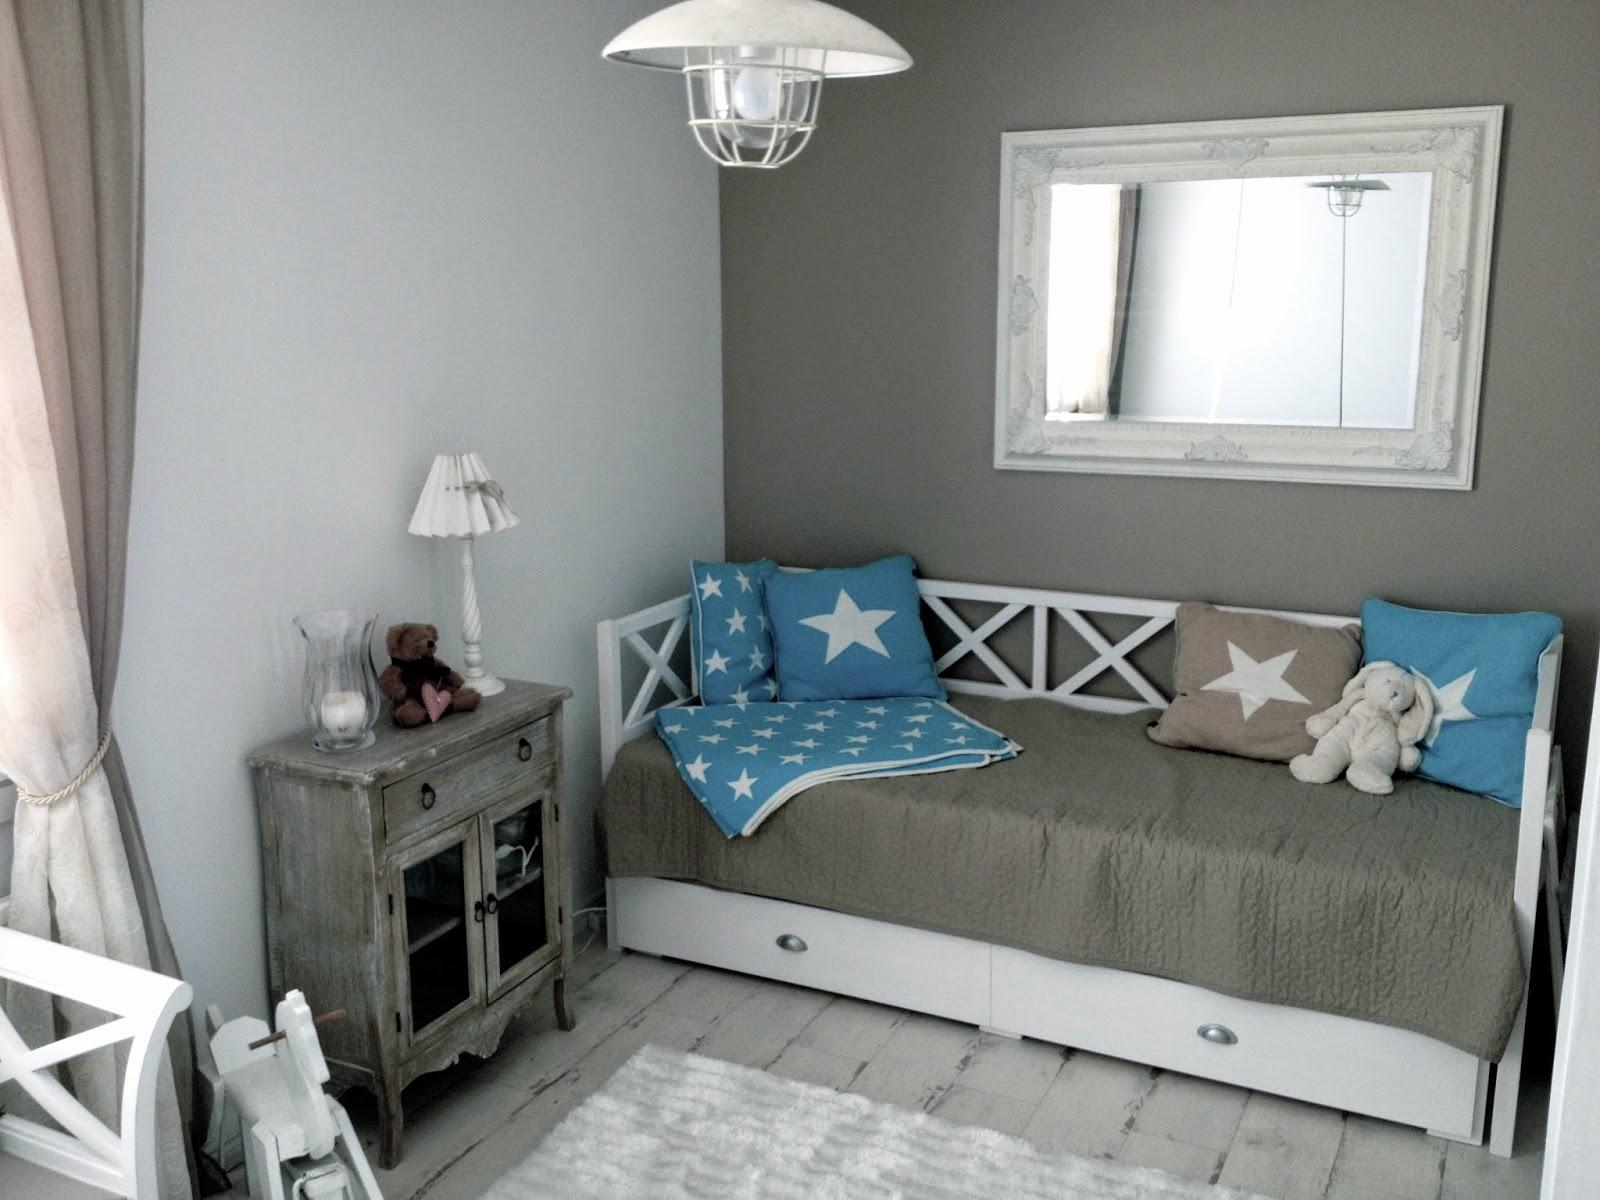 puinen levitettävä sänky